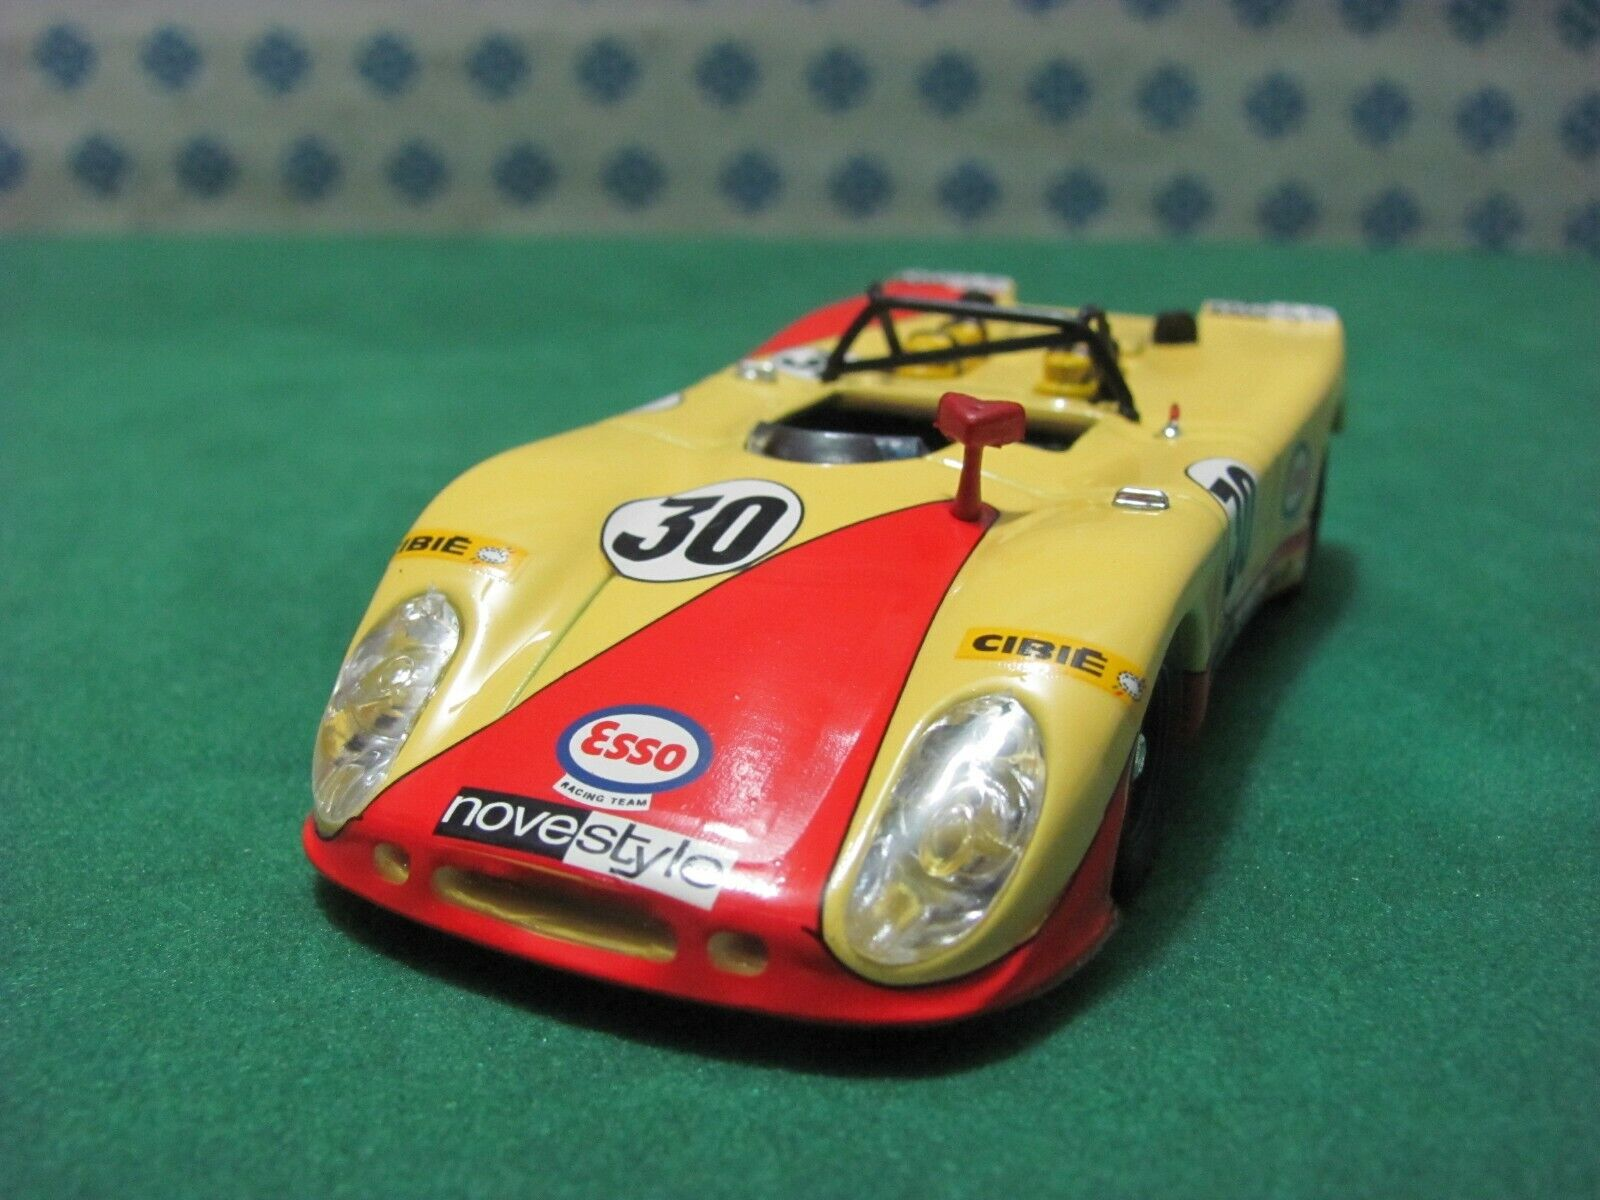 Porsche 908 2 suprême  3000cc. Spyder  Le Mans 1971  - 1 43 BEST 9150  authentique en ligne